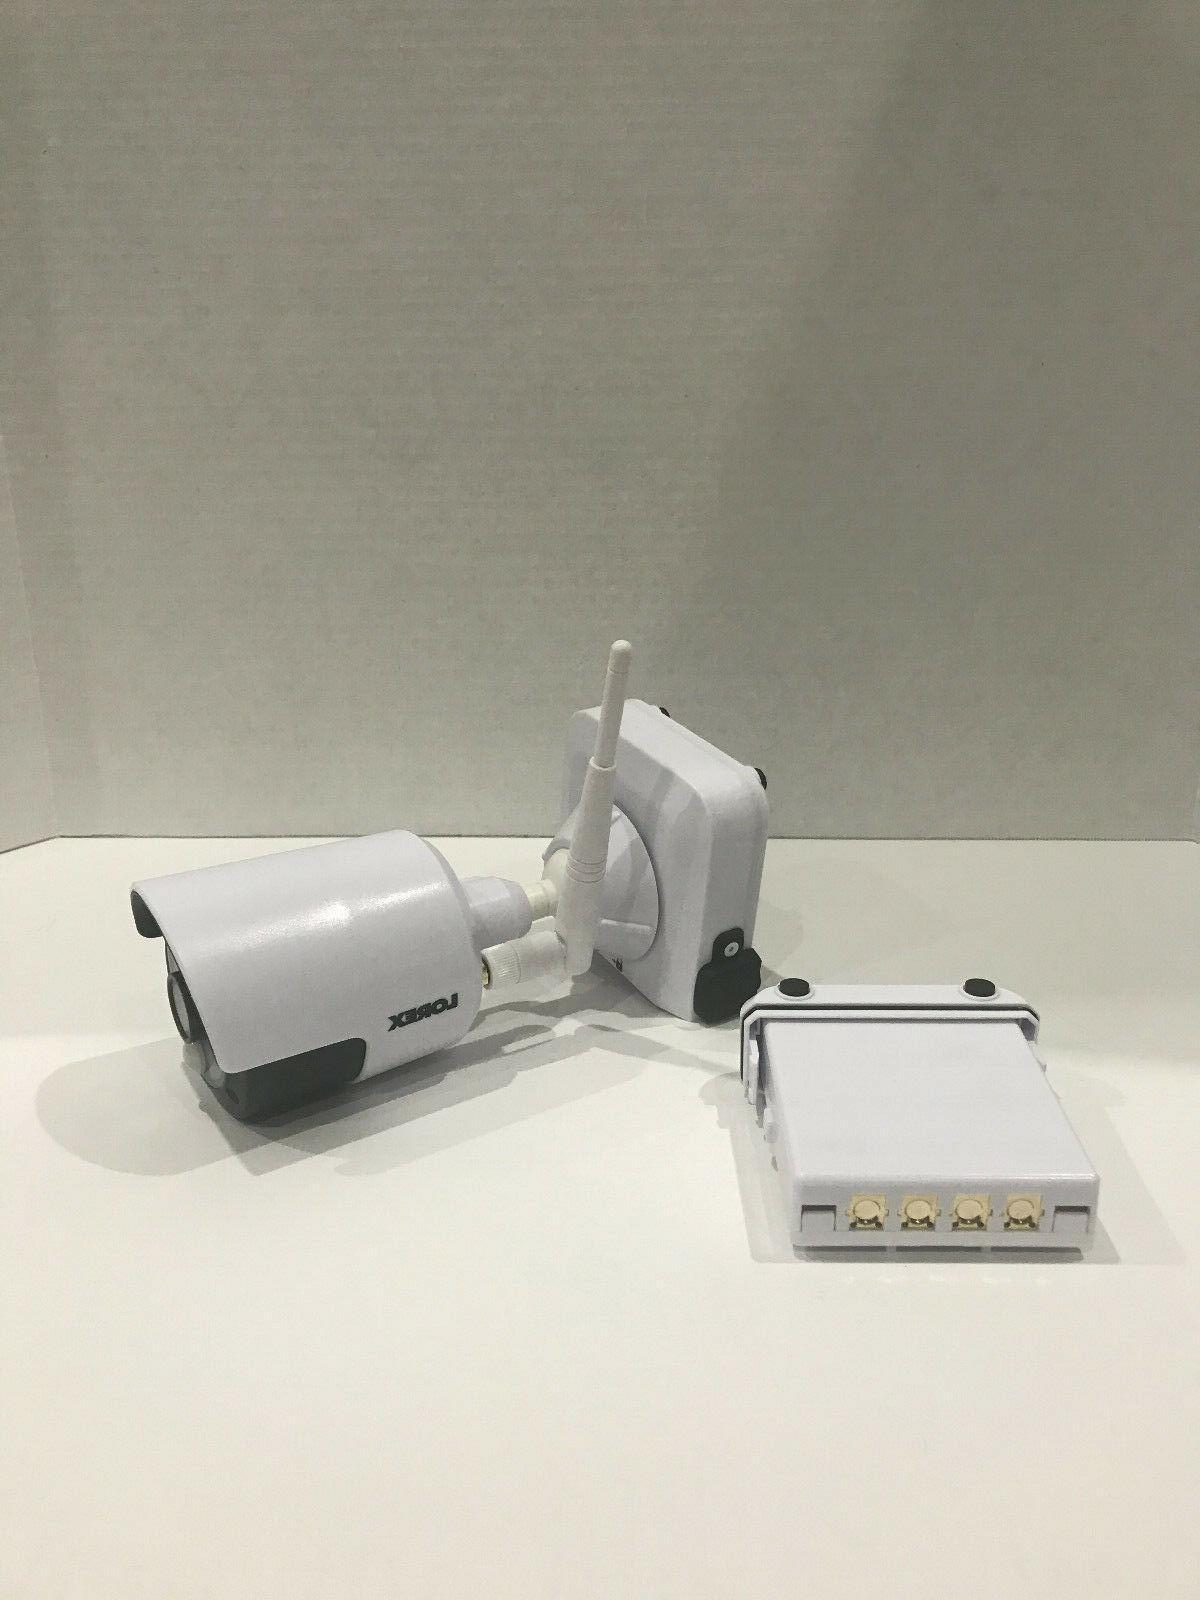 Lorex By Flir LWB3801-C Add-On Rechargeable Wireless 1080p S